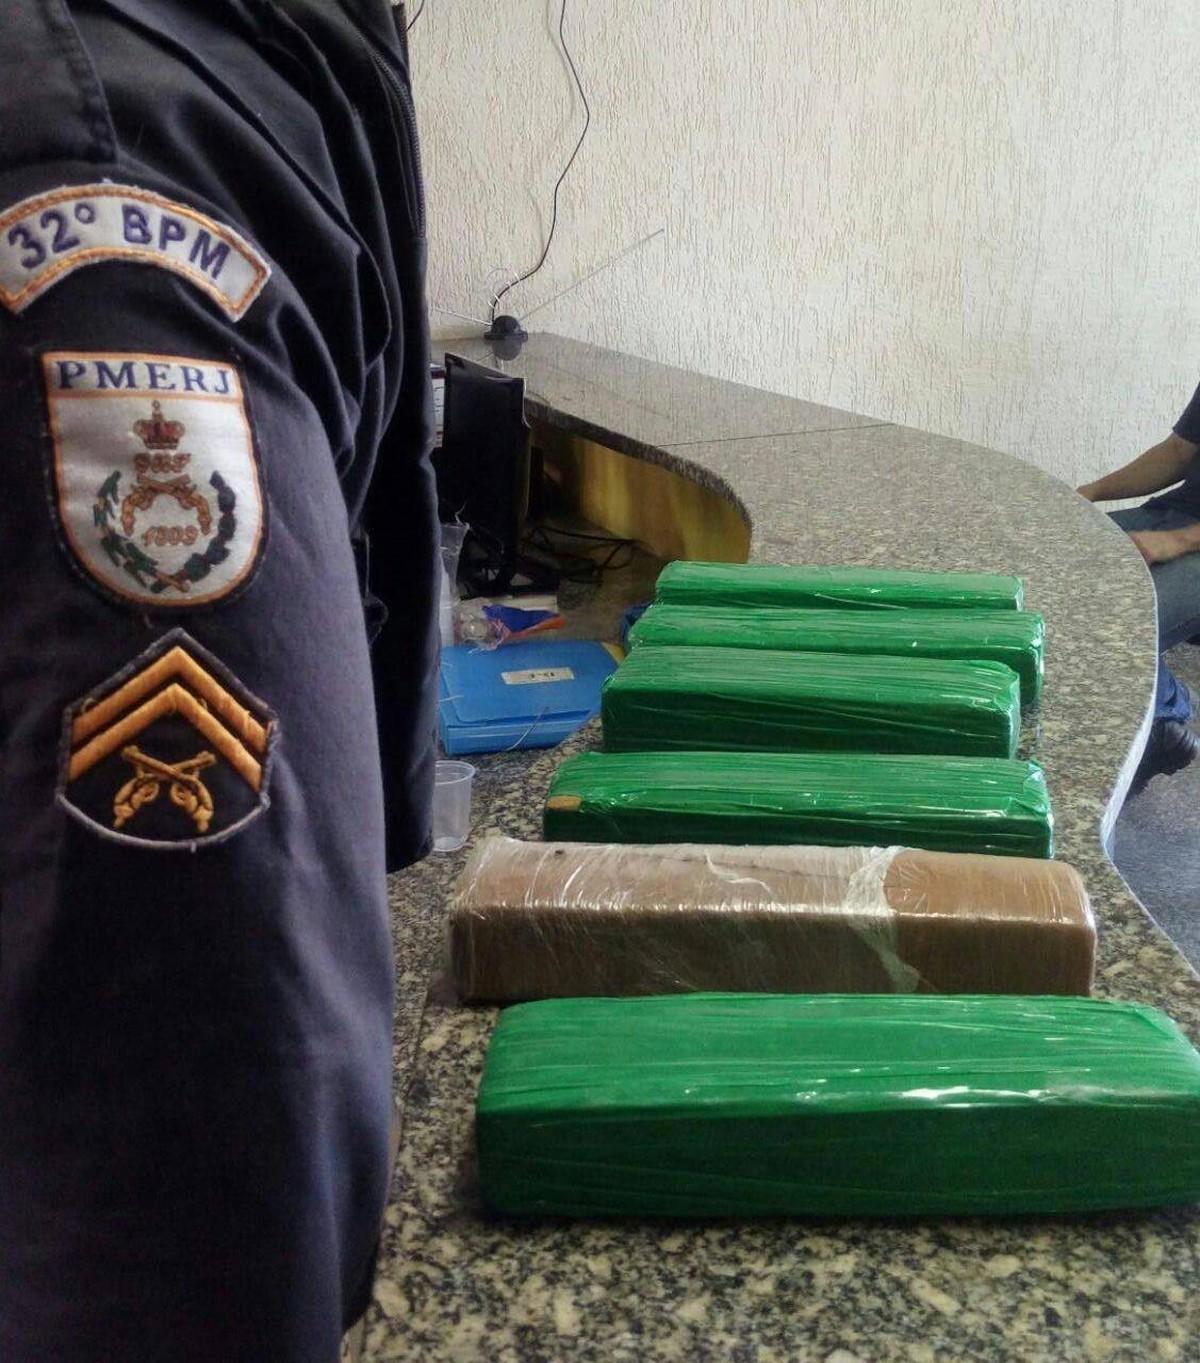 Adolescente é apreendida com seis tabletes de maconha dentro de ônibus em Macaé, no RJ